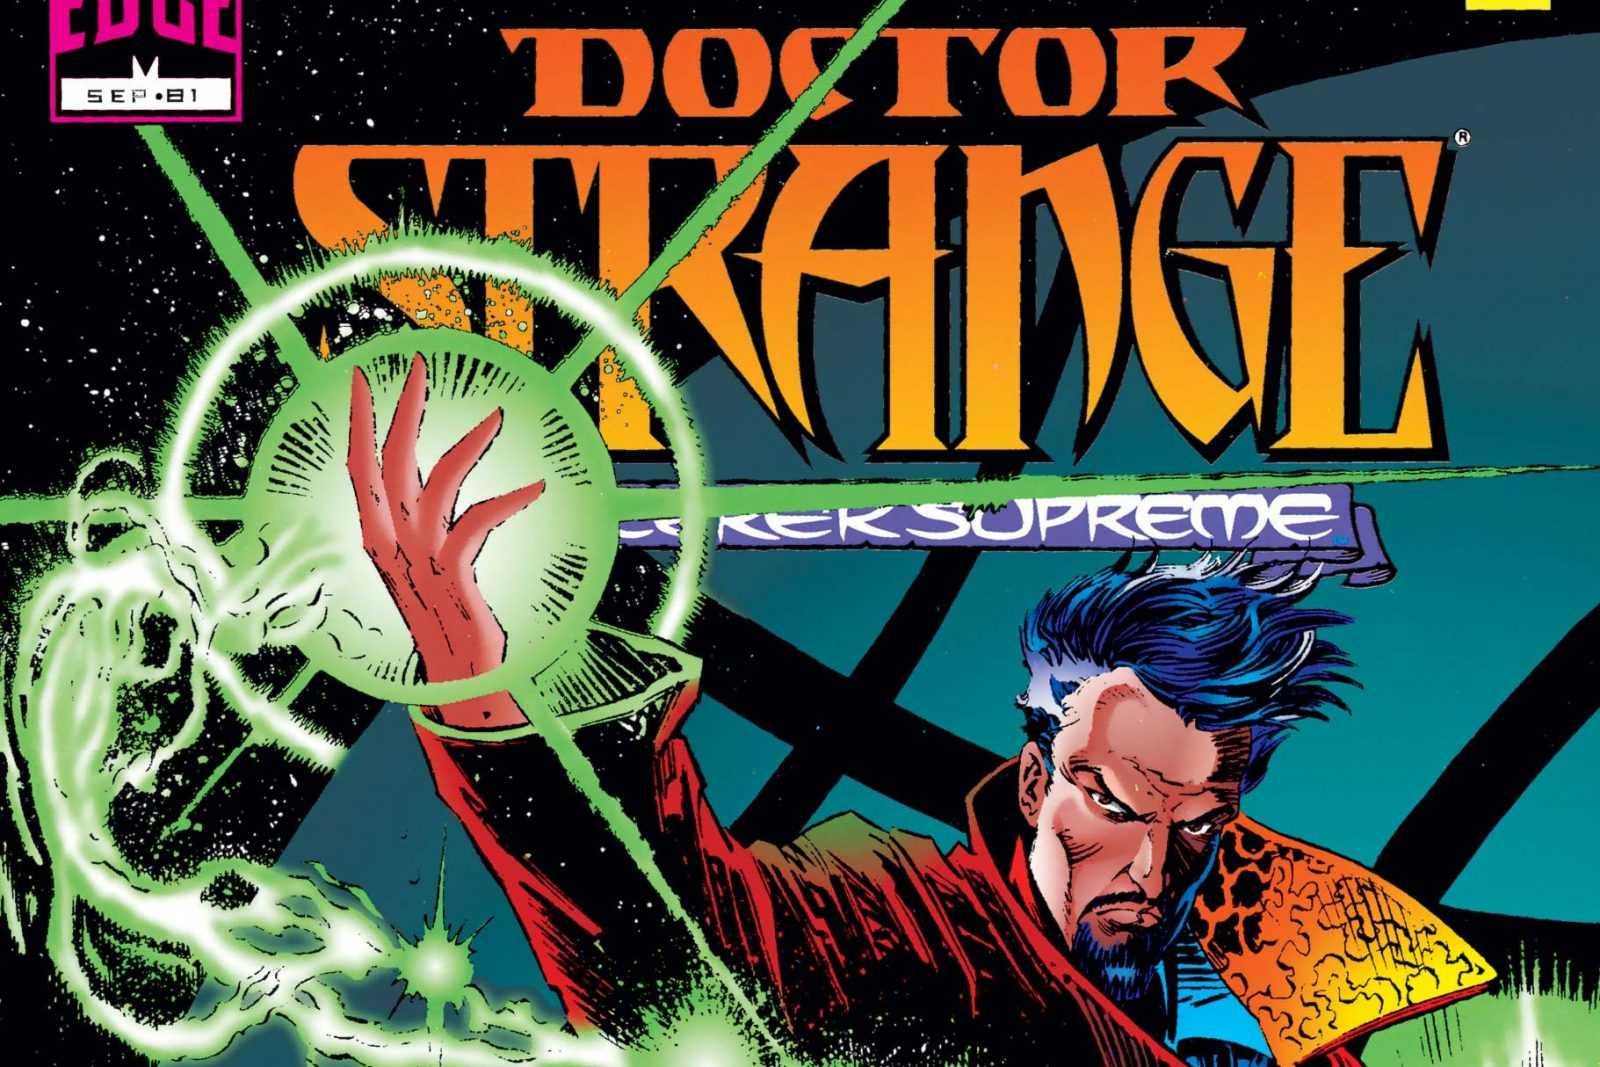 Dr. Strange: The Sorcerer Supreme